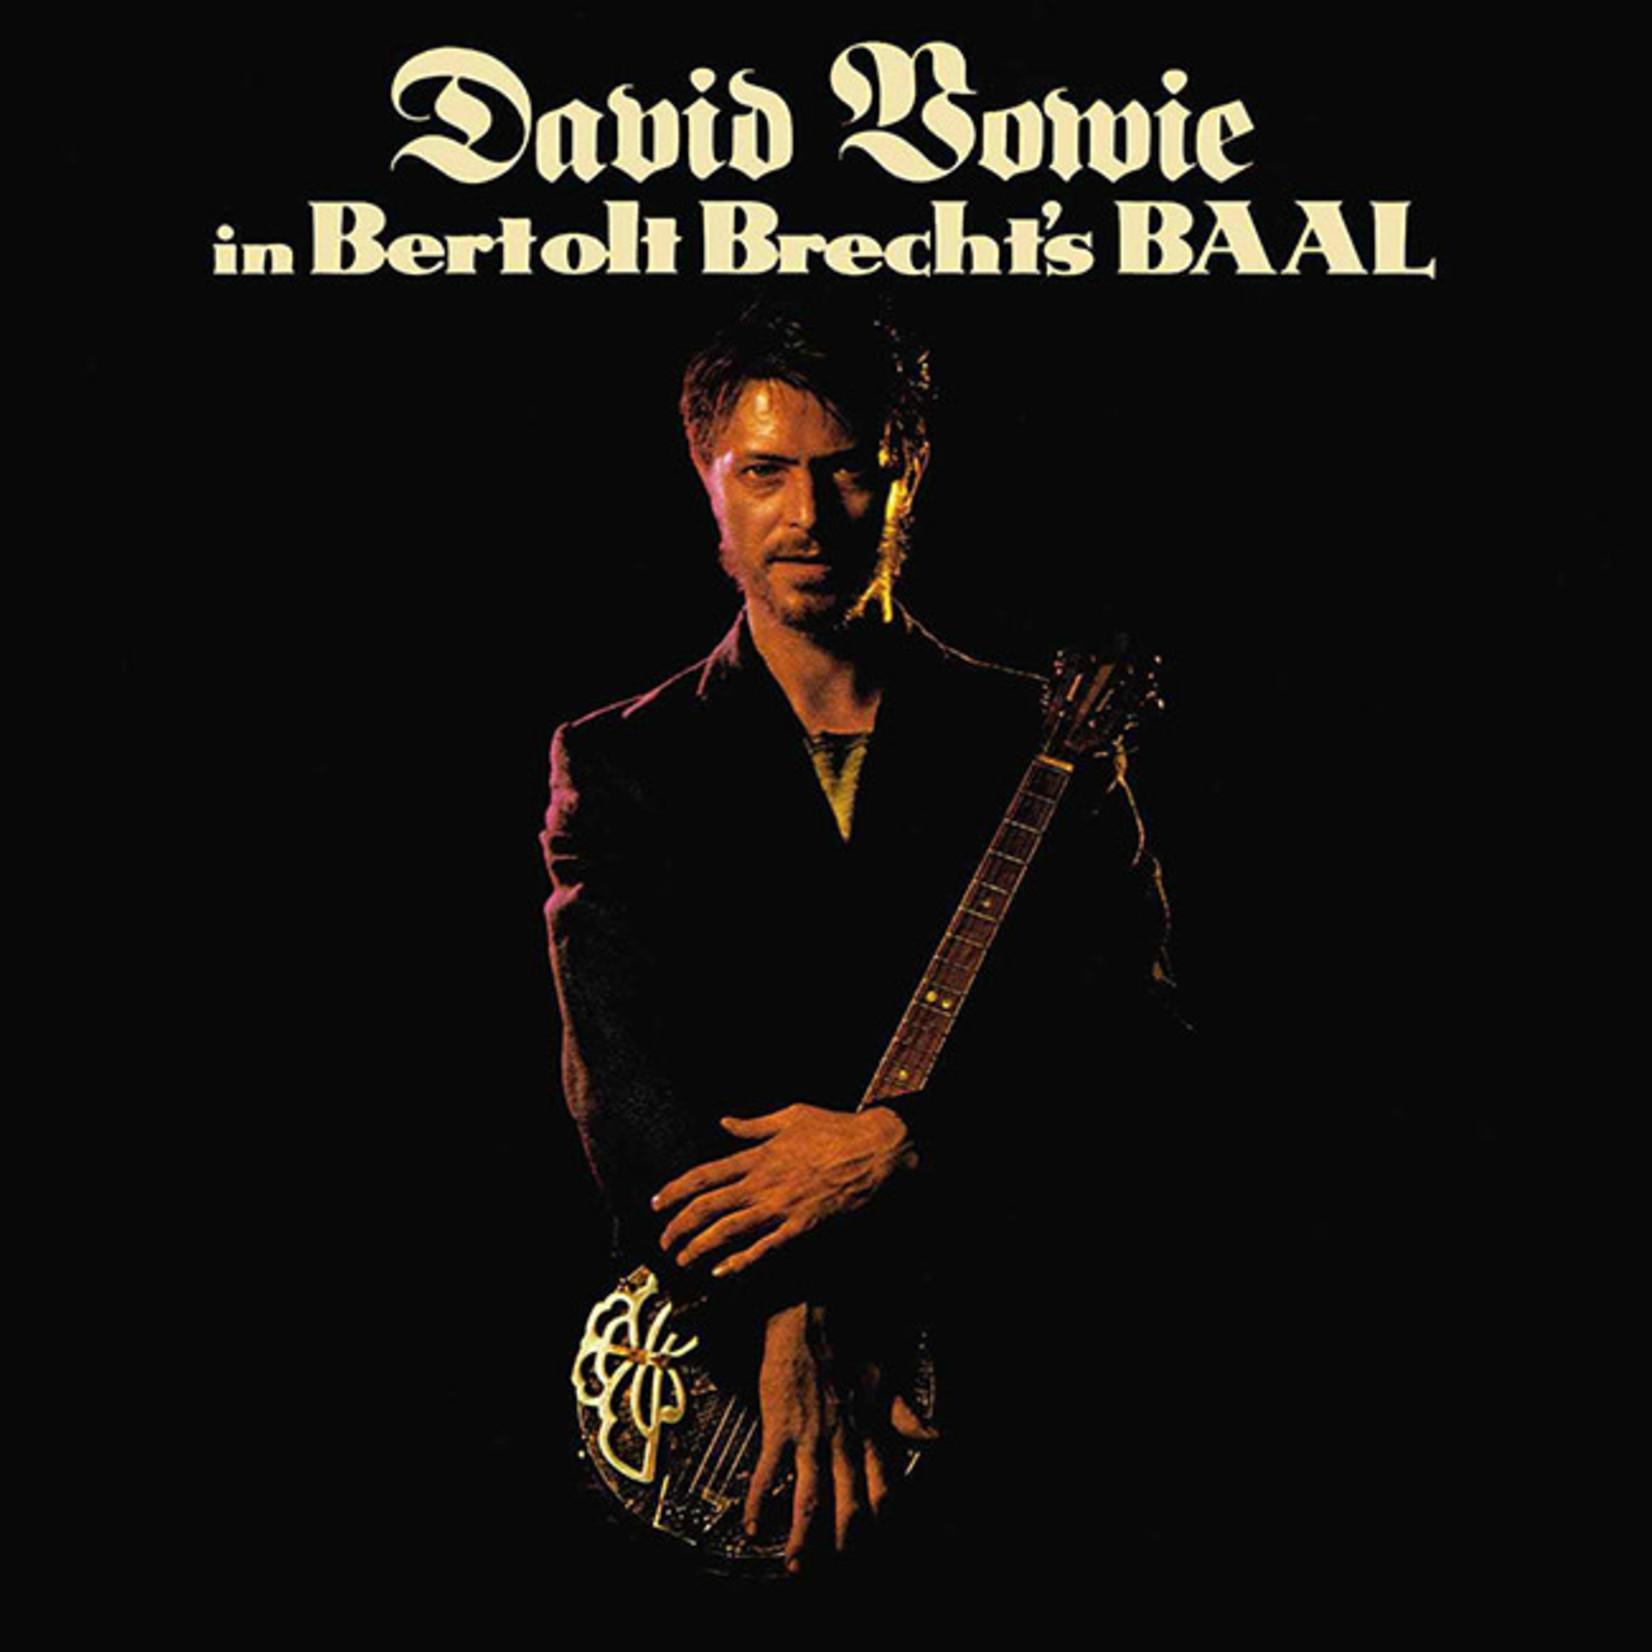 [New] Bowie, David: In Bertolt Brecht's Baal (10'')